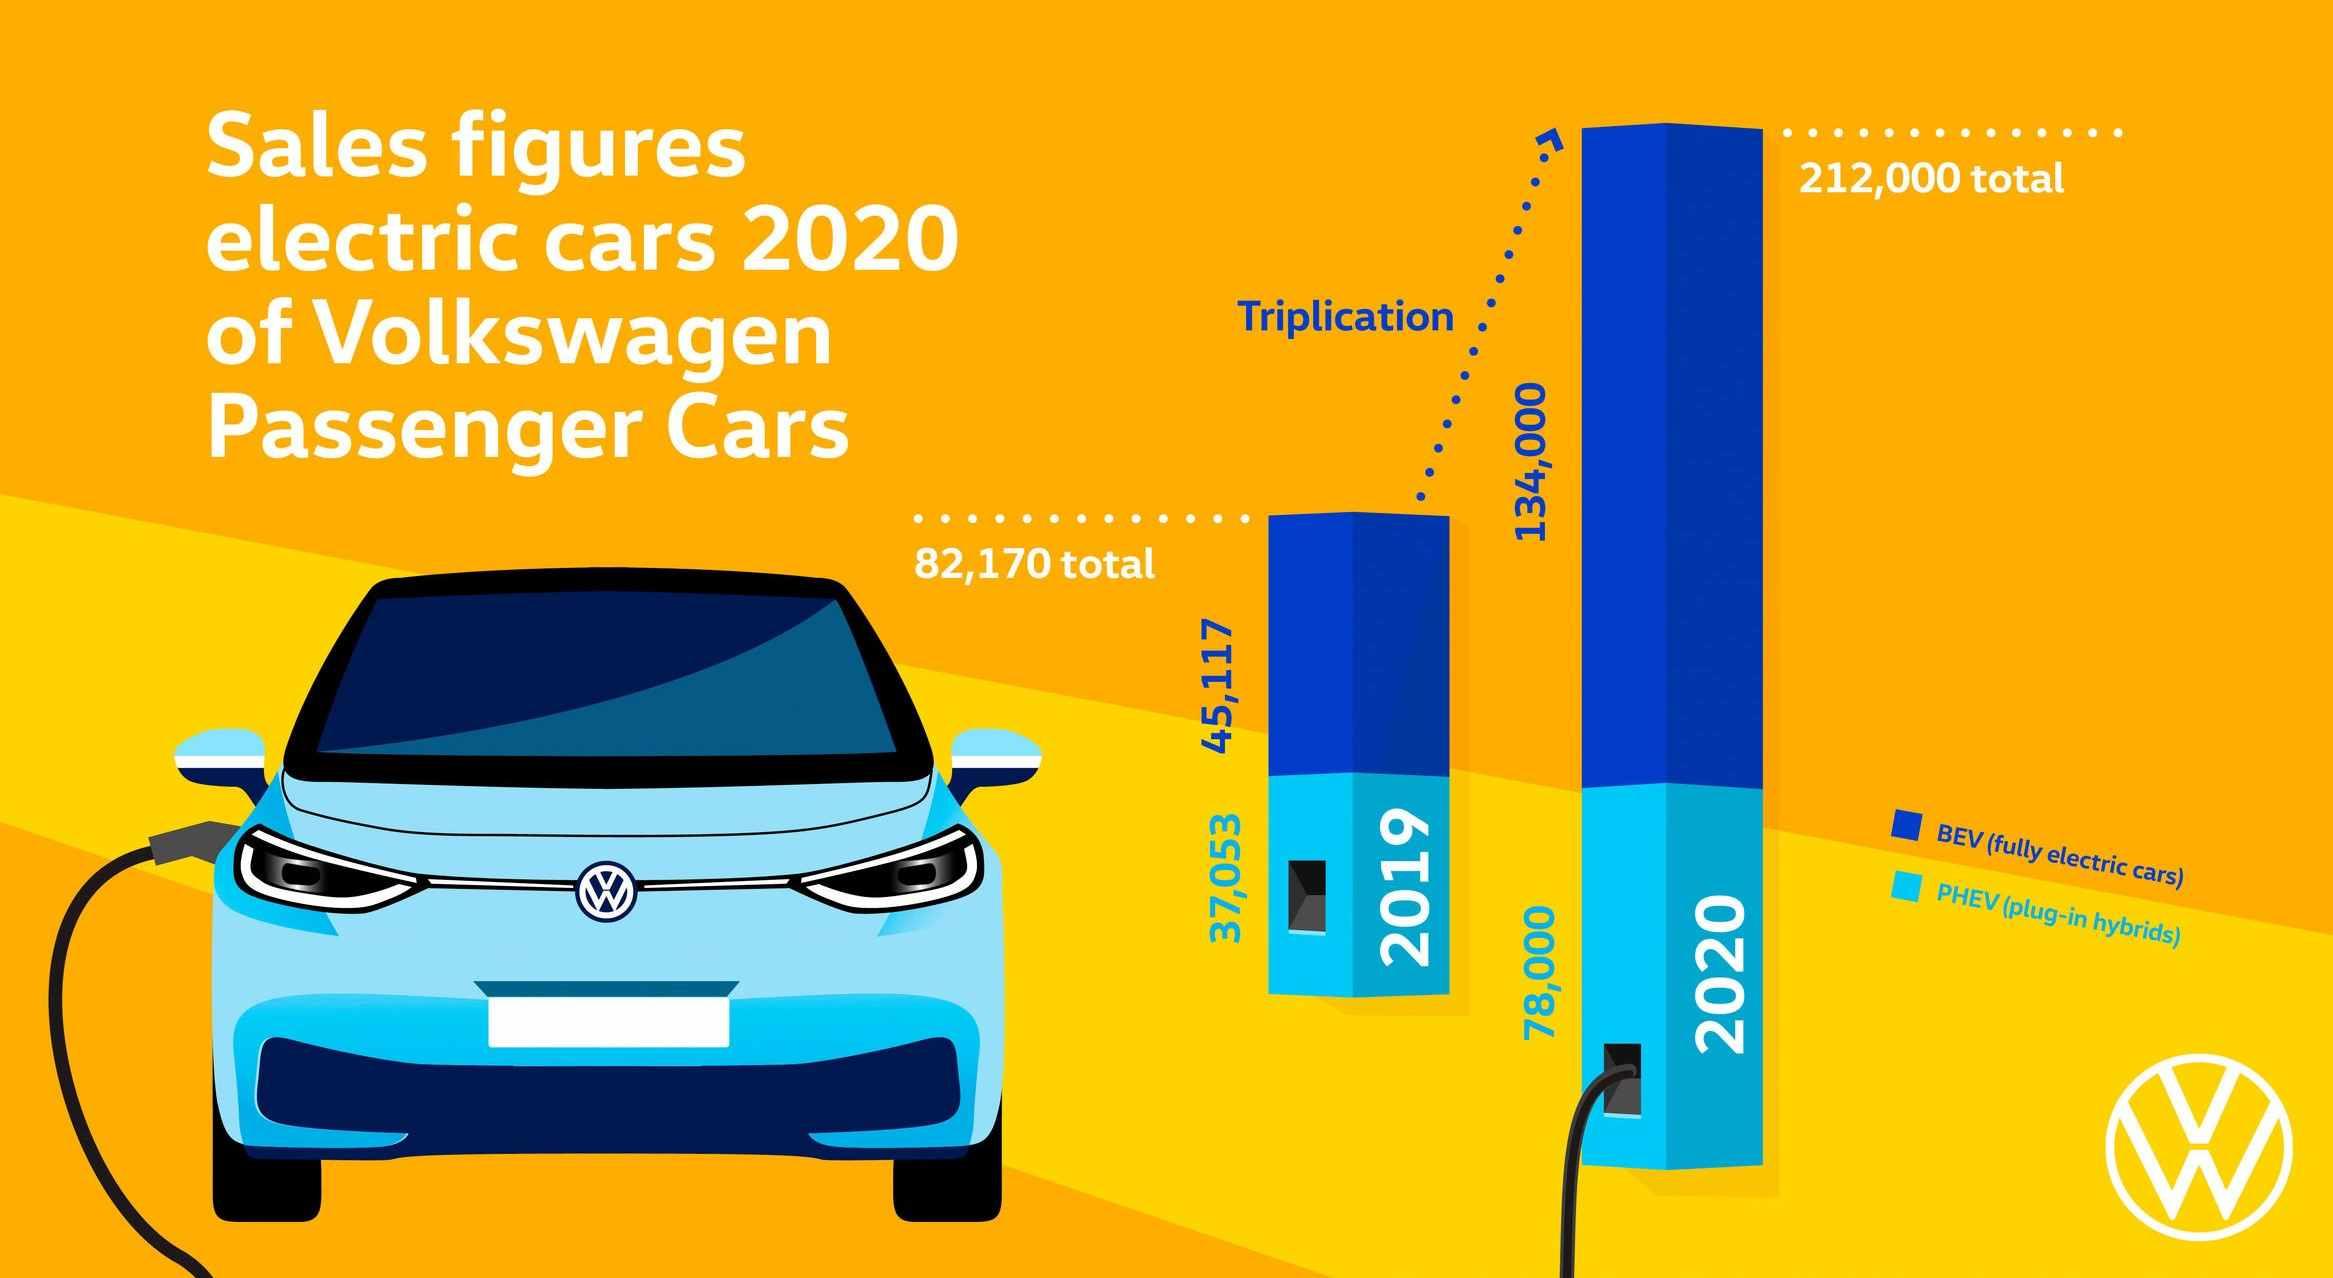 Volkswagen compite contra Tesla como líder en Coches Eléctricos